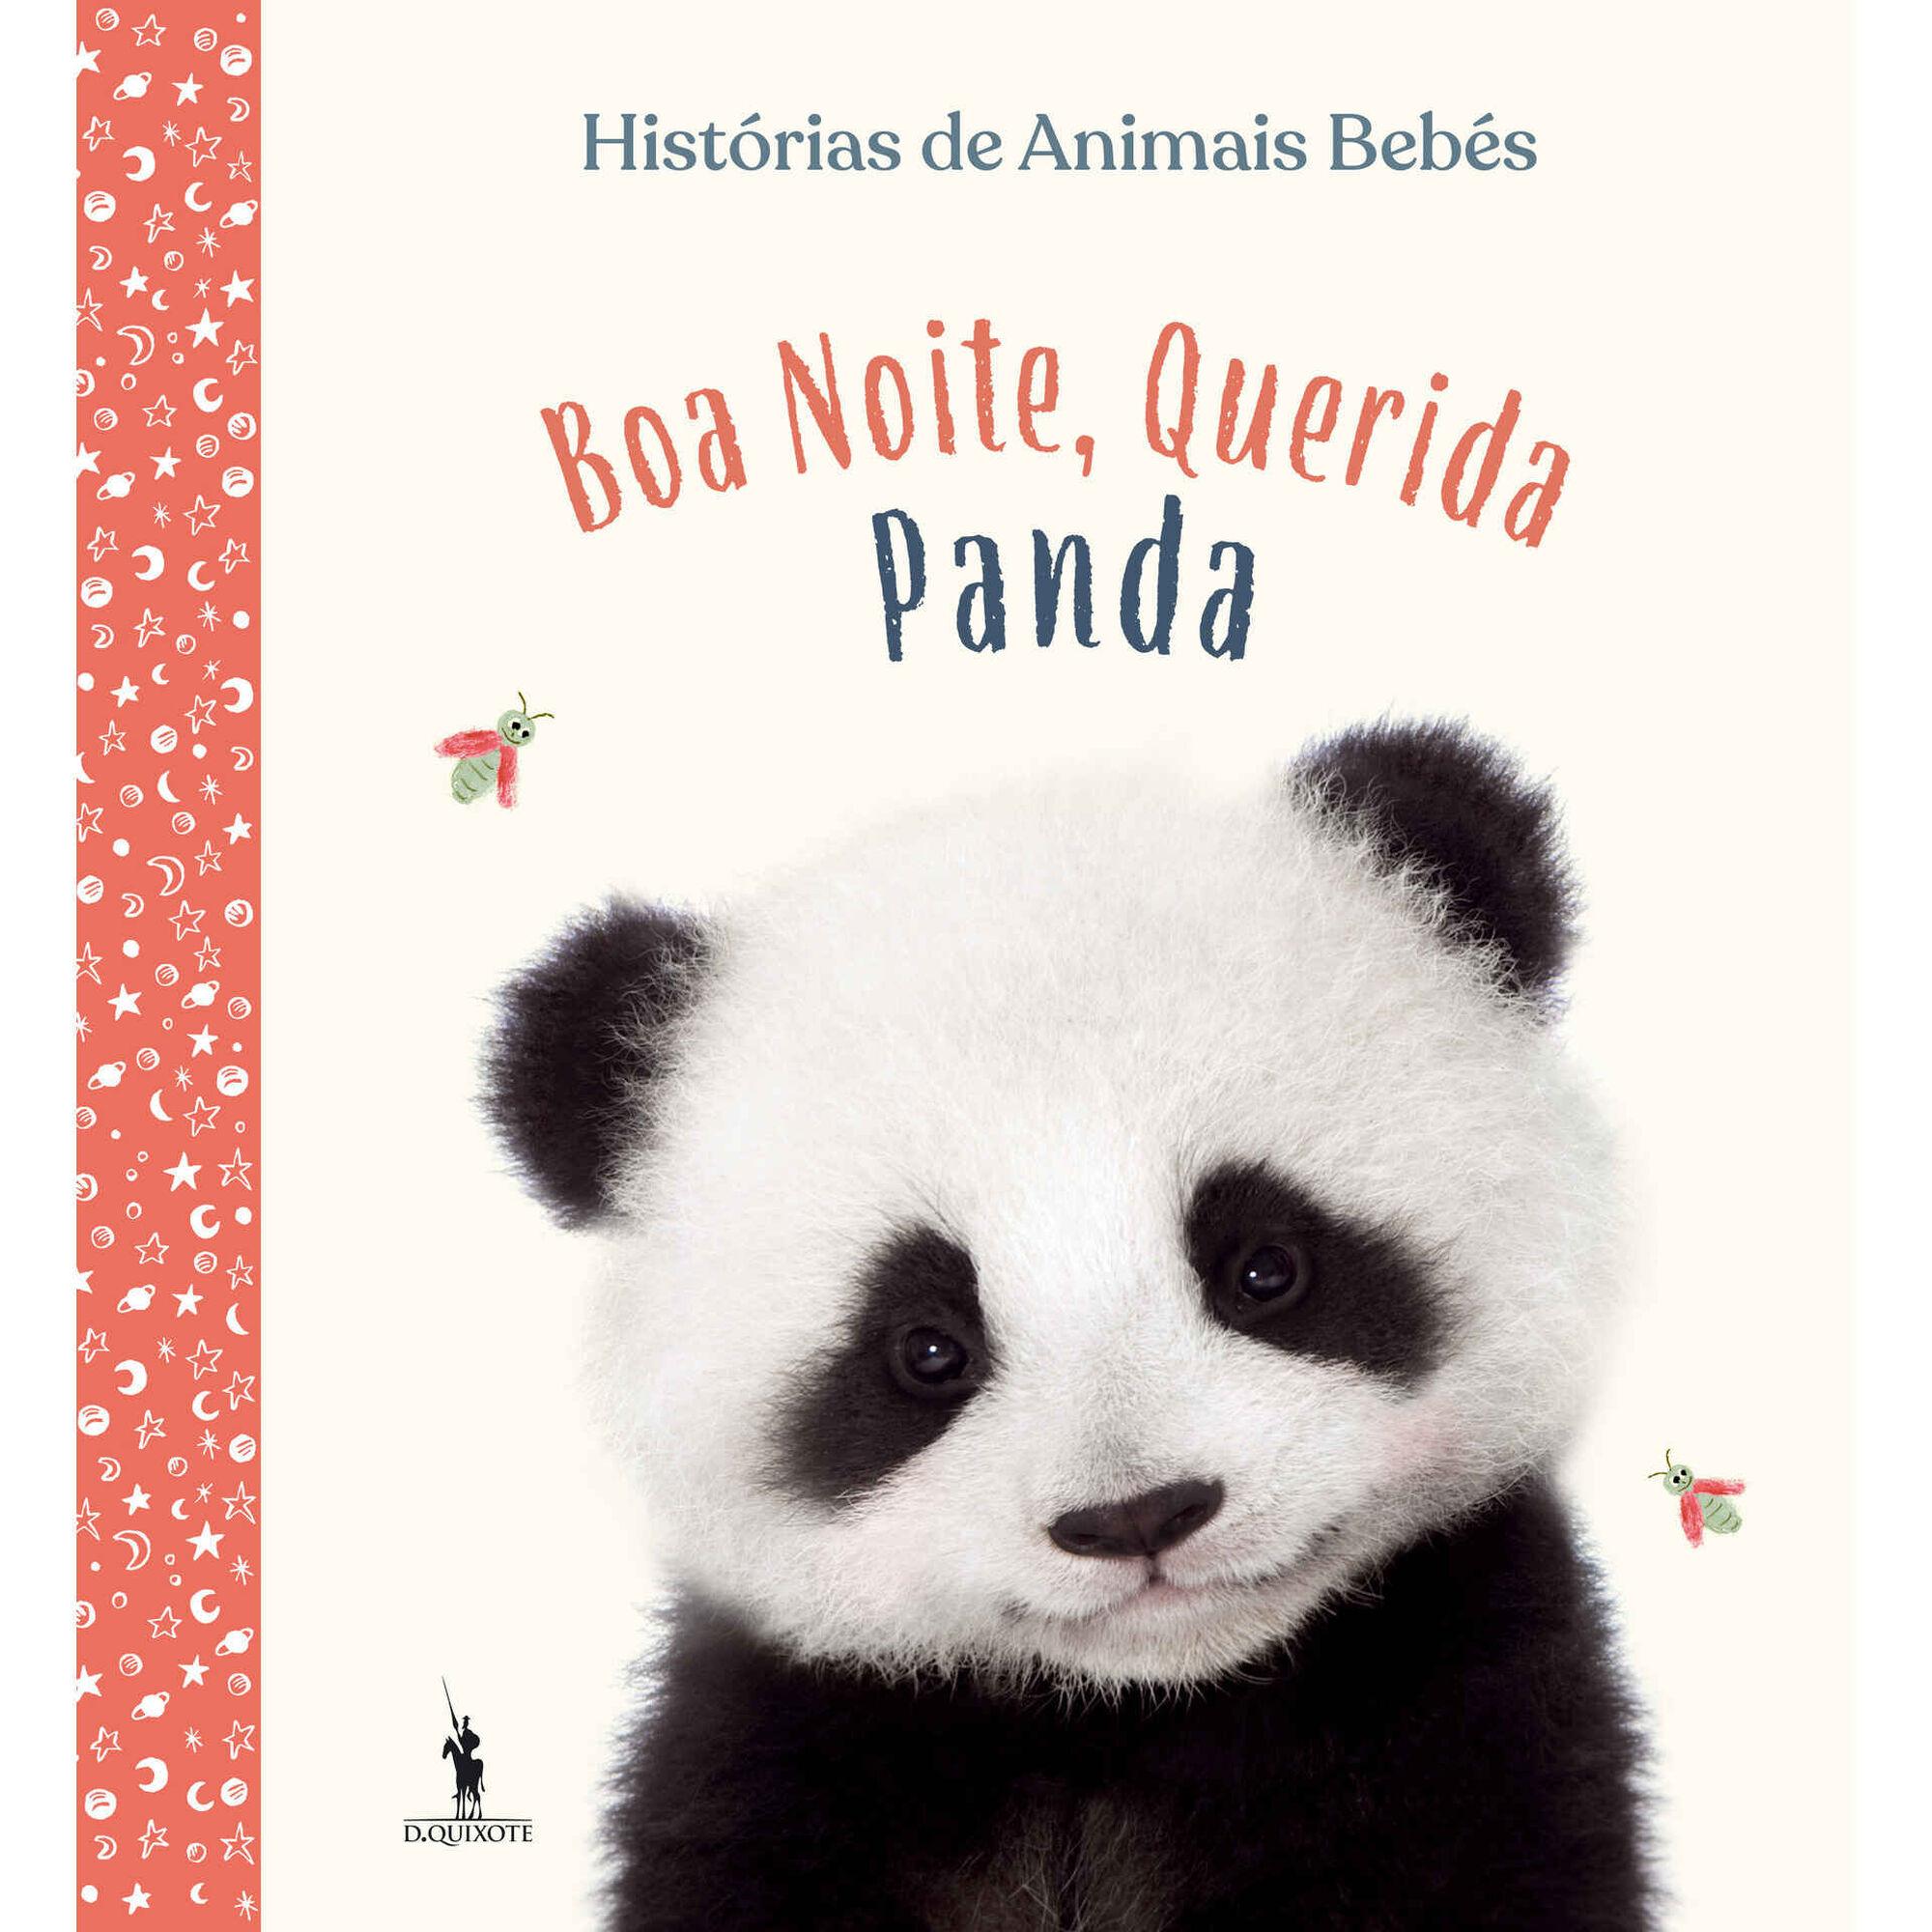 Boa Noite, Querida Panda